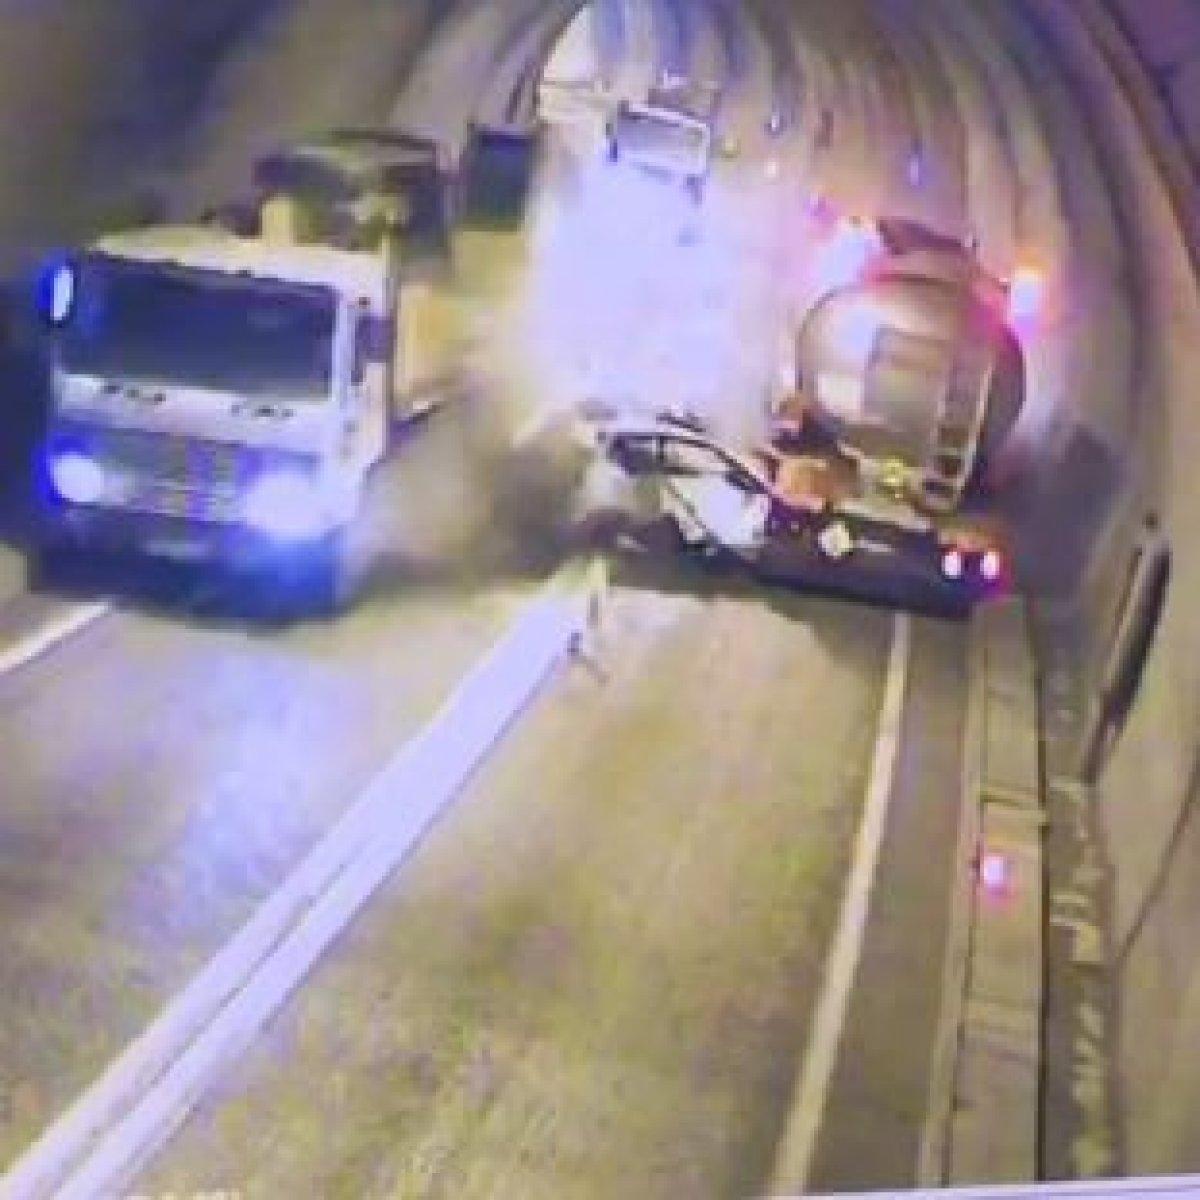 Artvin de tünelde kaza yapan araç, paramparça oldu #1